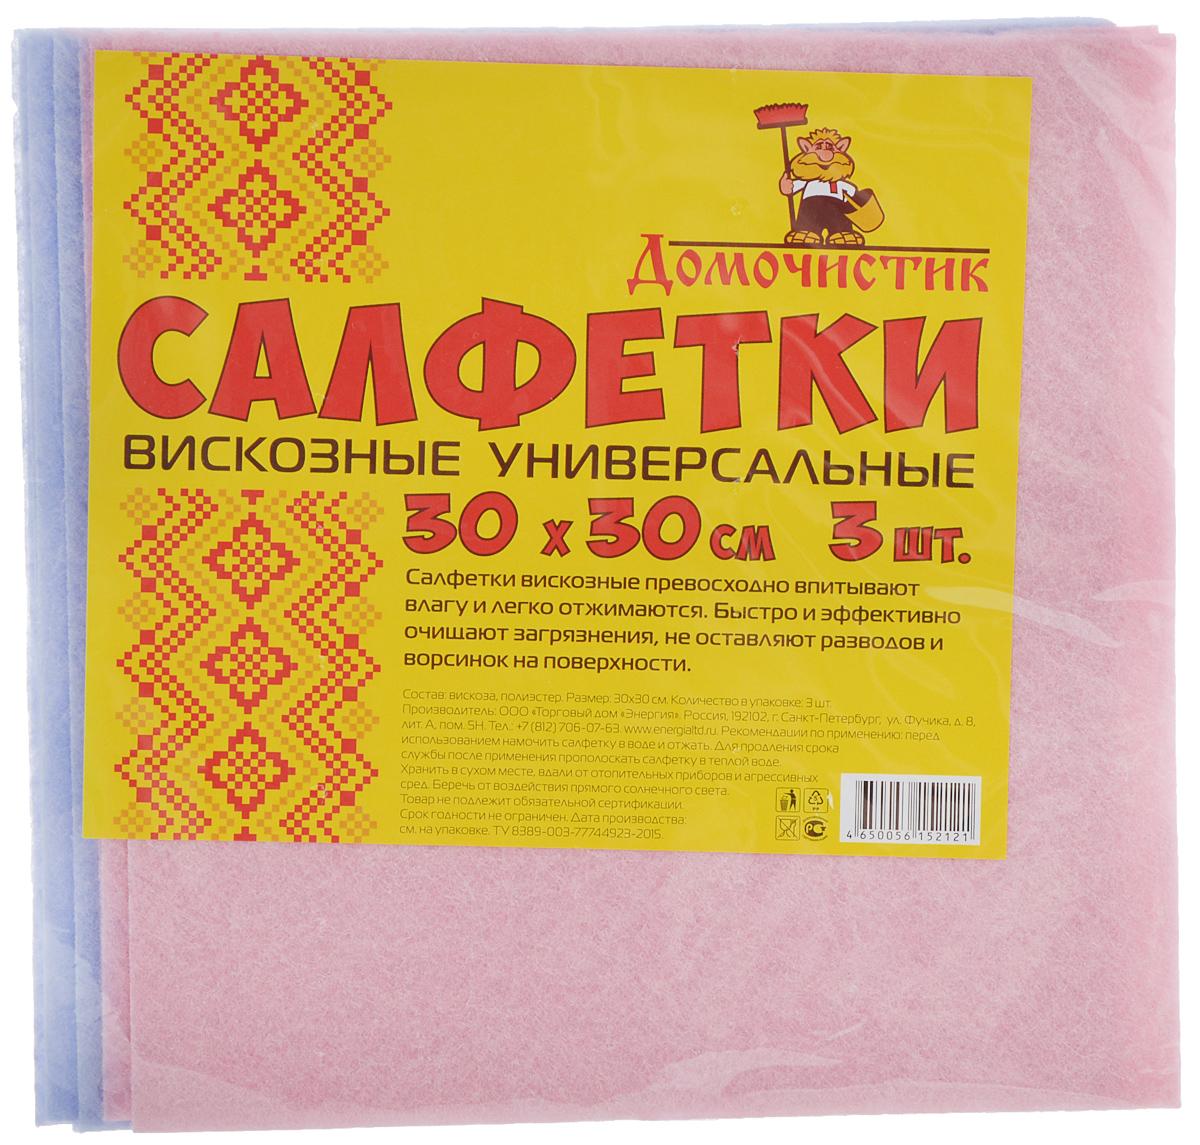 Салфетка для уборки Домочистик из вискозы, универсальная, цвет: розовый, голубой, 30 x 30 см, 3 шт13004_розовый,голубойУниверсальные салфетки для уборки Домочистик, выполненные из вискозы и полиэстера, превосходно впитывают влагу и легко отжимаются. Они быстро и эффективно очищают загрязнения, не оставляя разводов. Размер салфетки: 30 x 30 см.